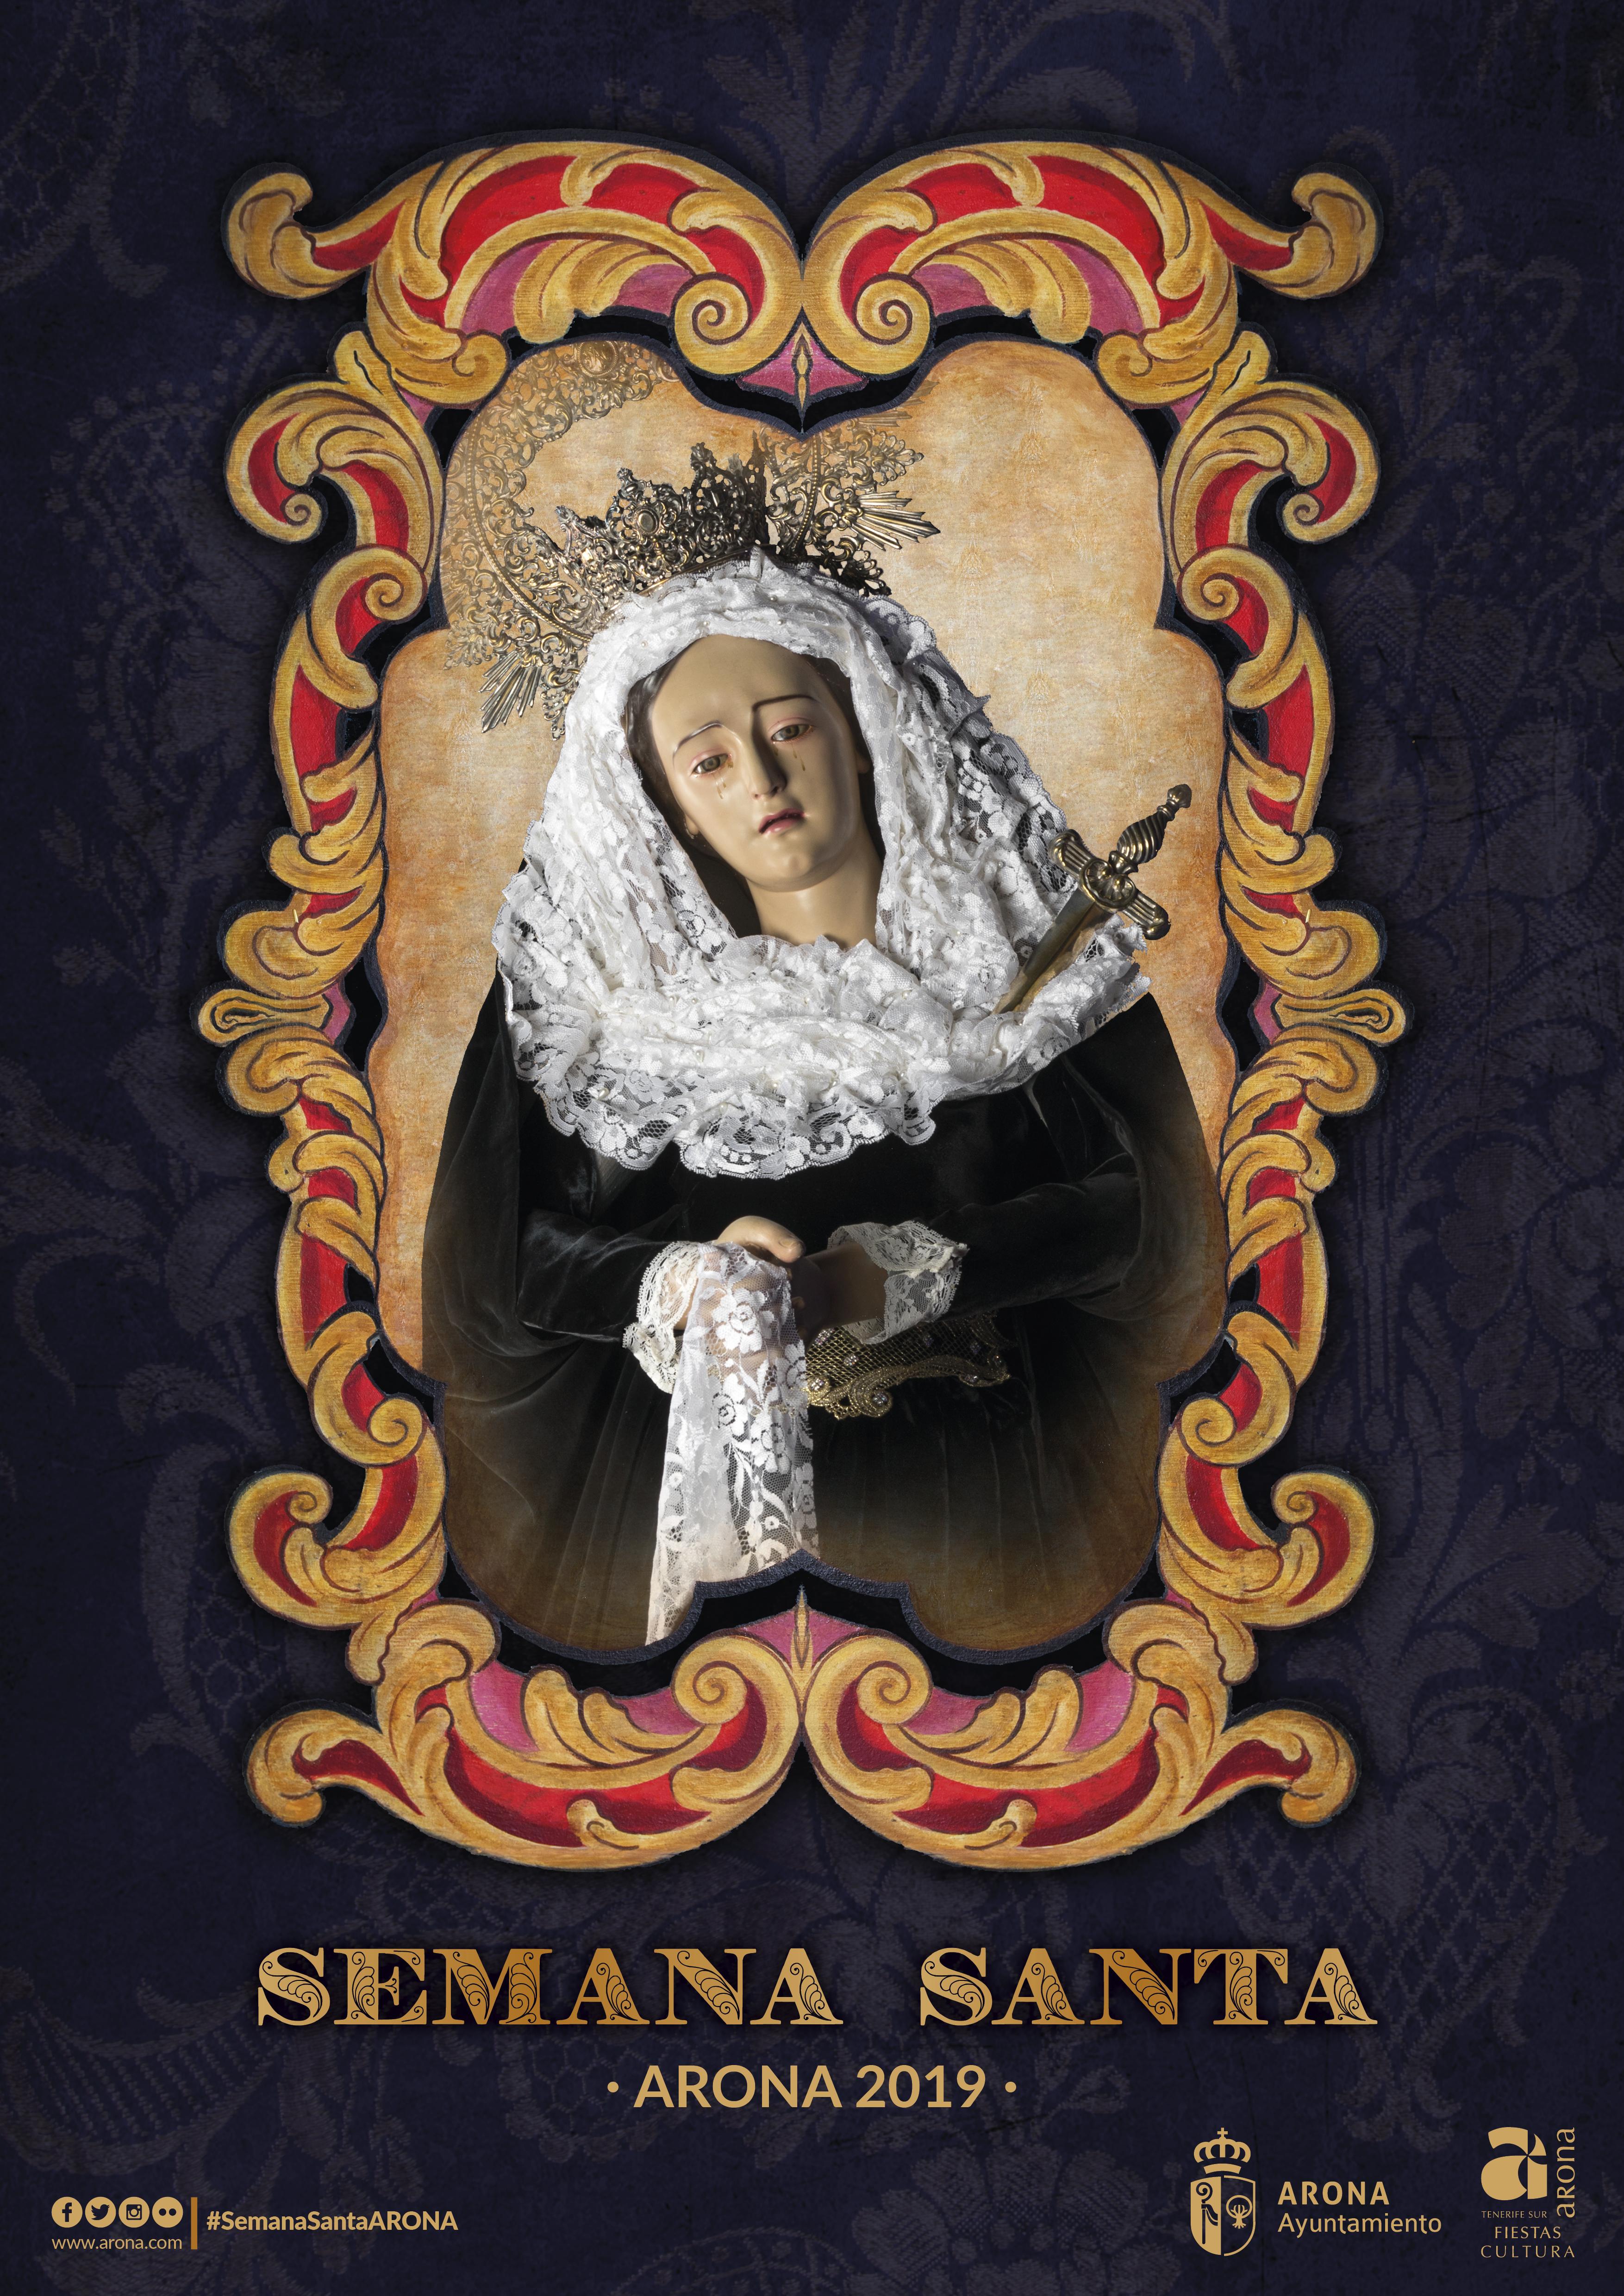 Semana Santa Arona 2019